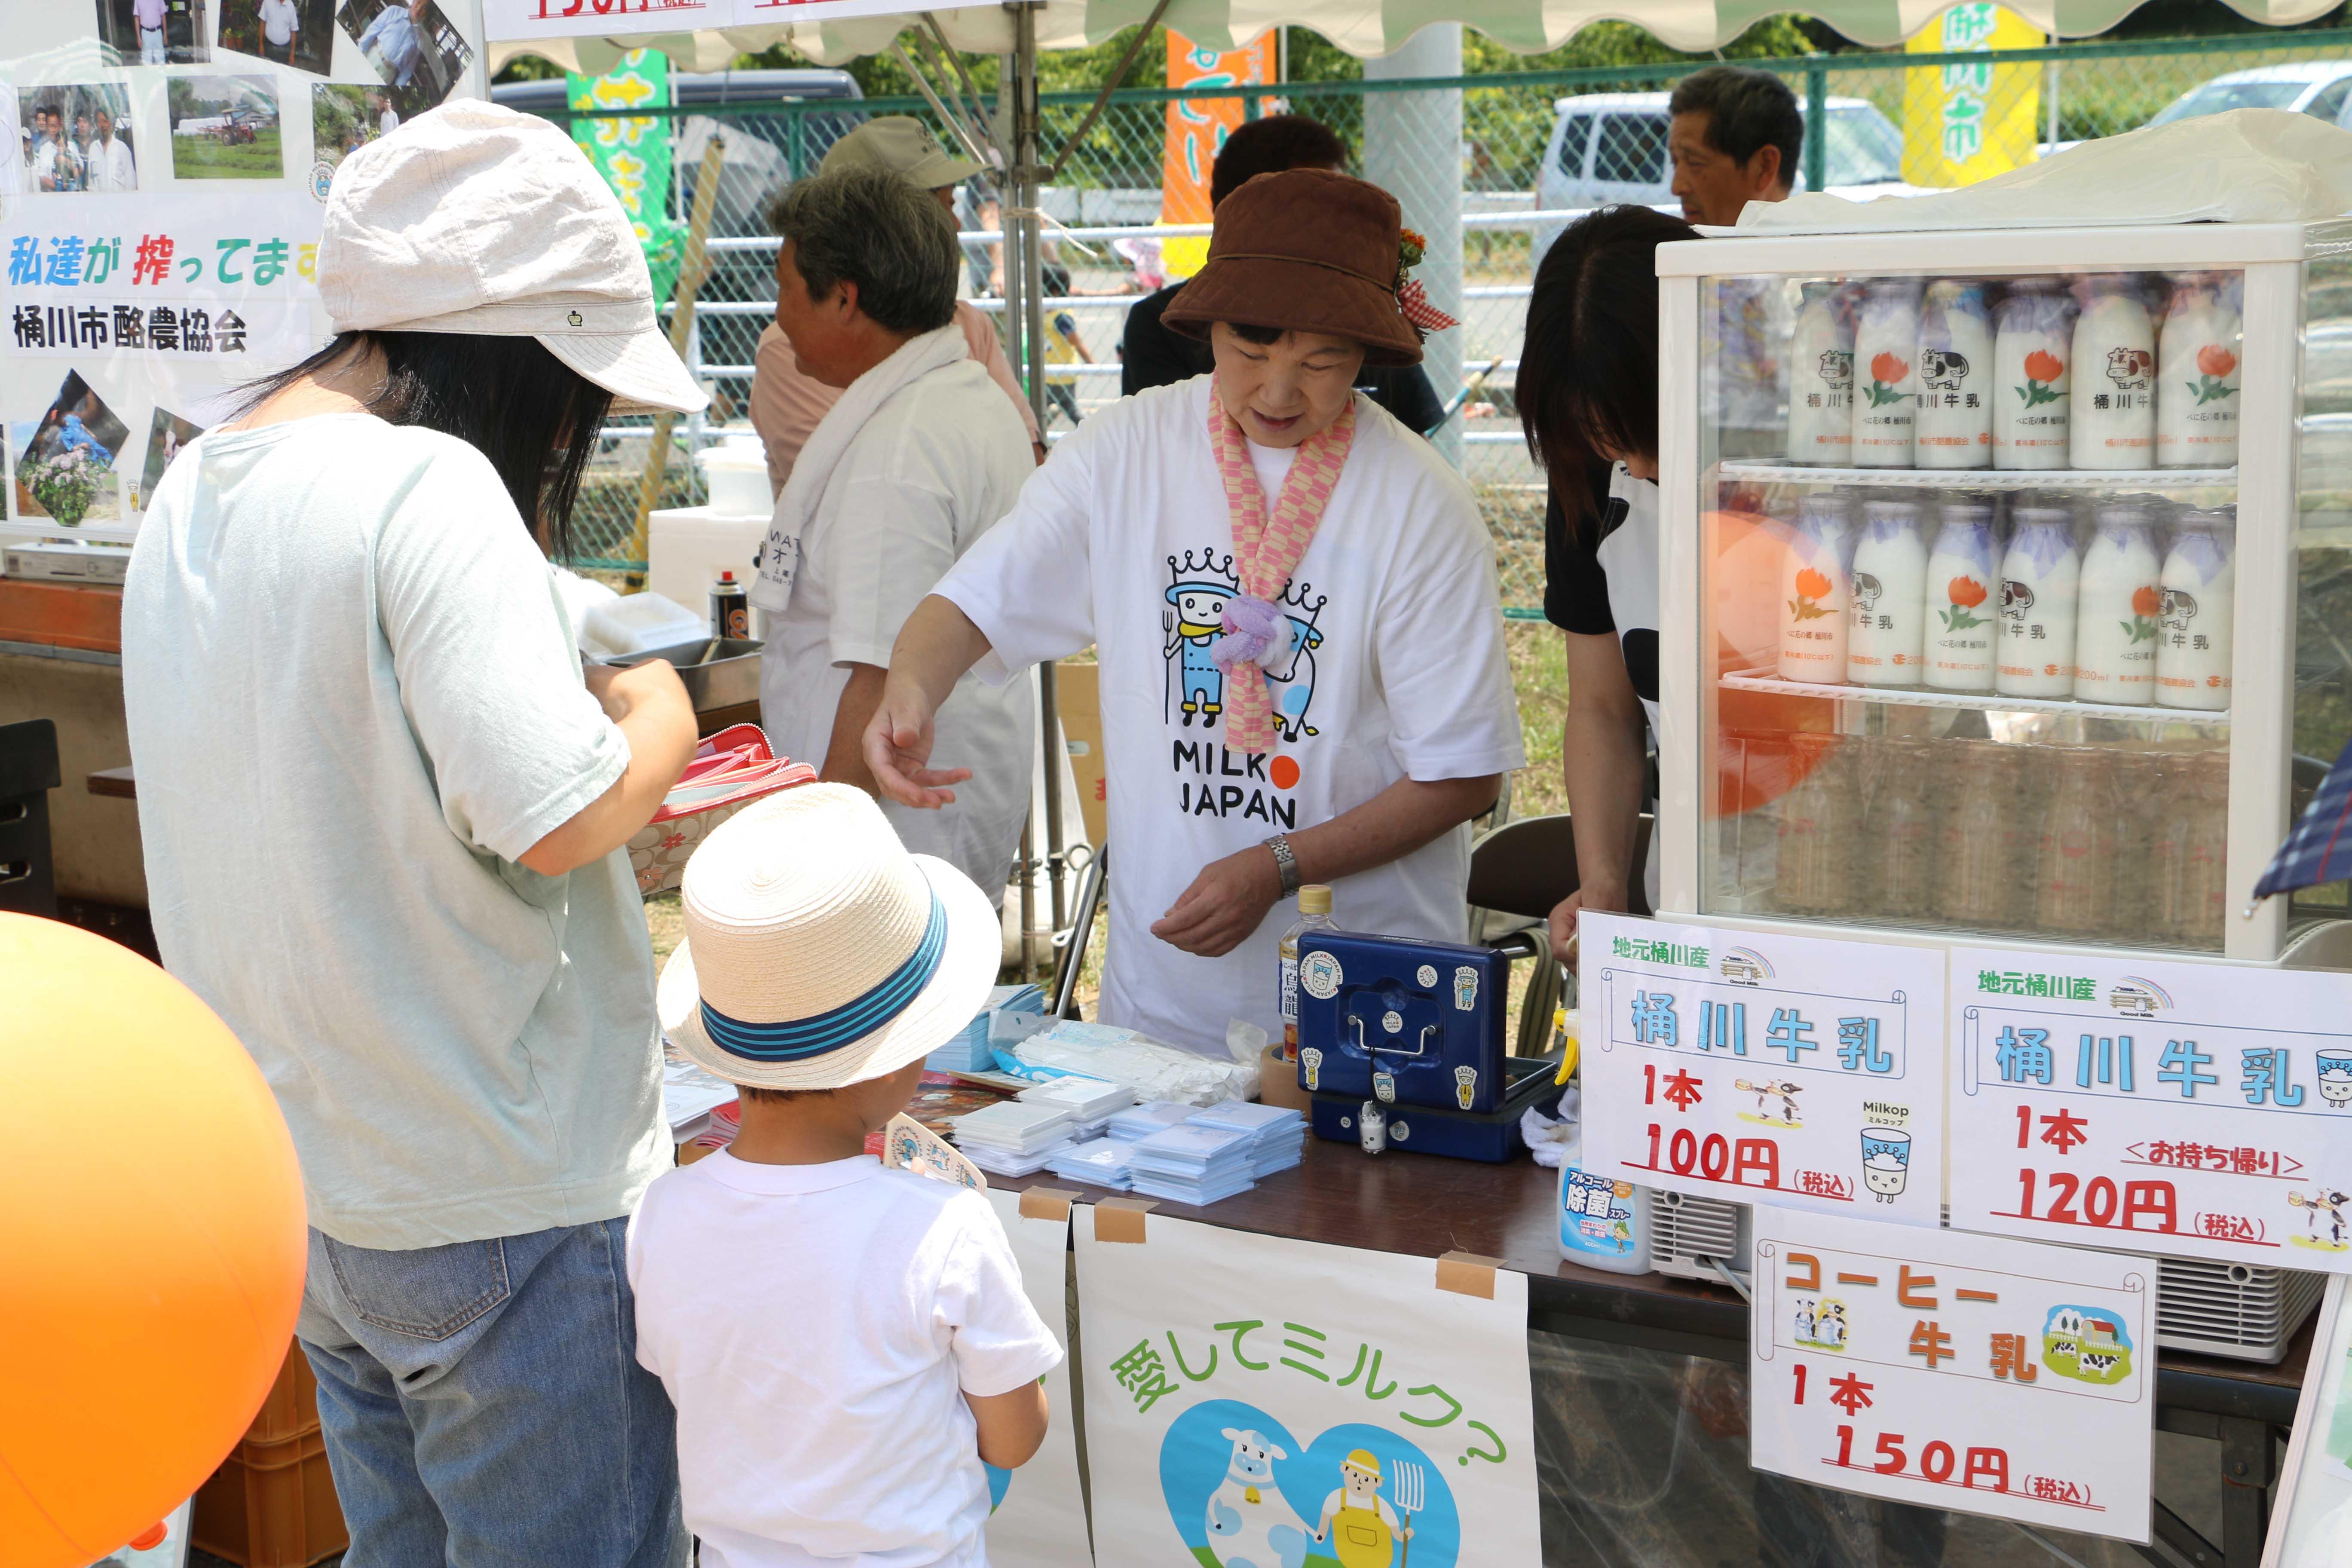 P15左上 通信員(川田谷支店)第22回おけがわべに花まつりで地元産「桶川牛乳」をPR